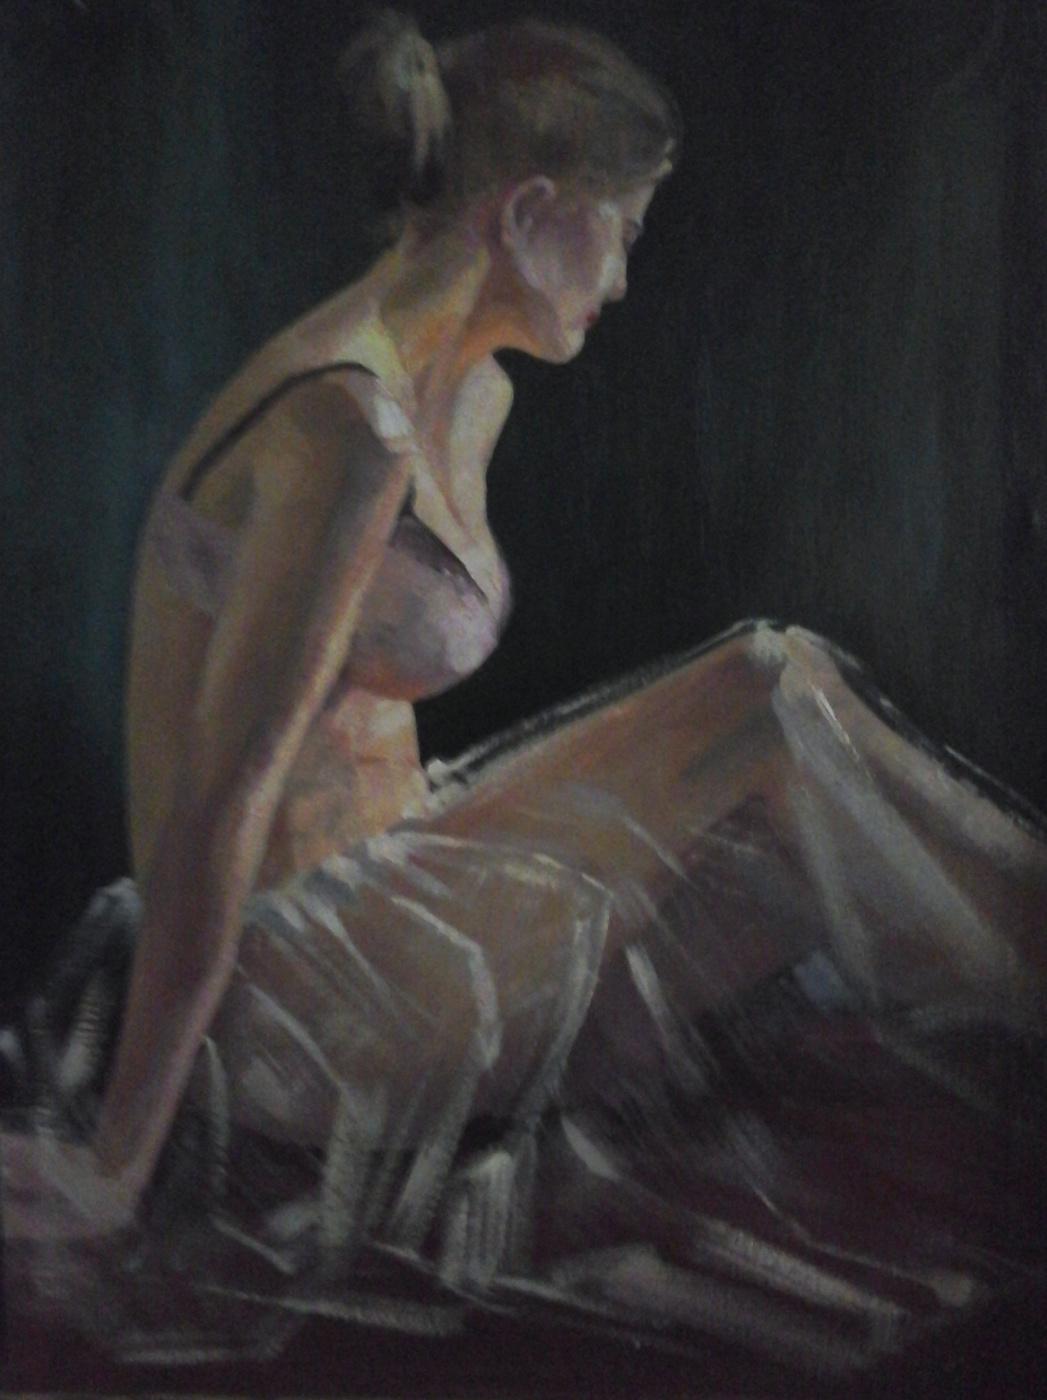 Stetskaya Alexandrovna Elena. Model